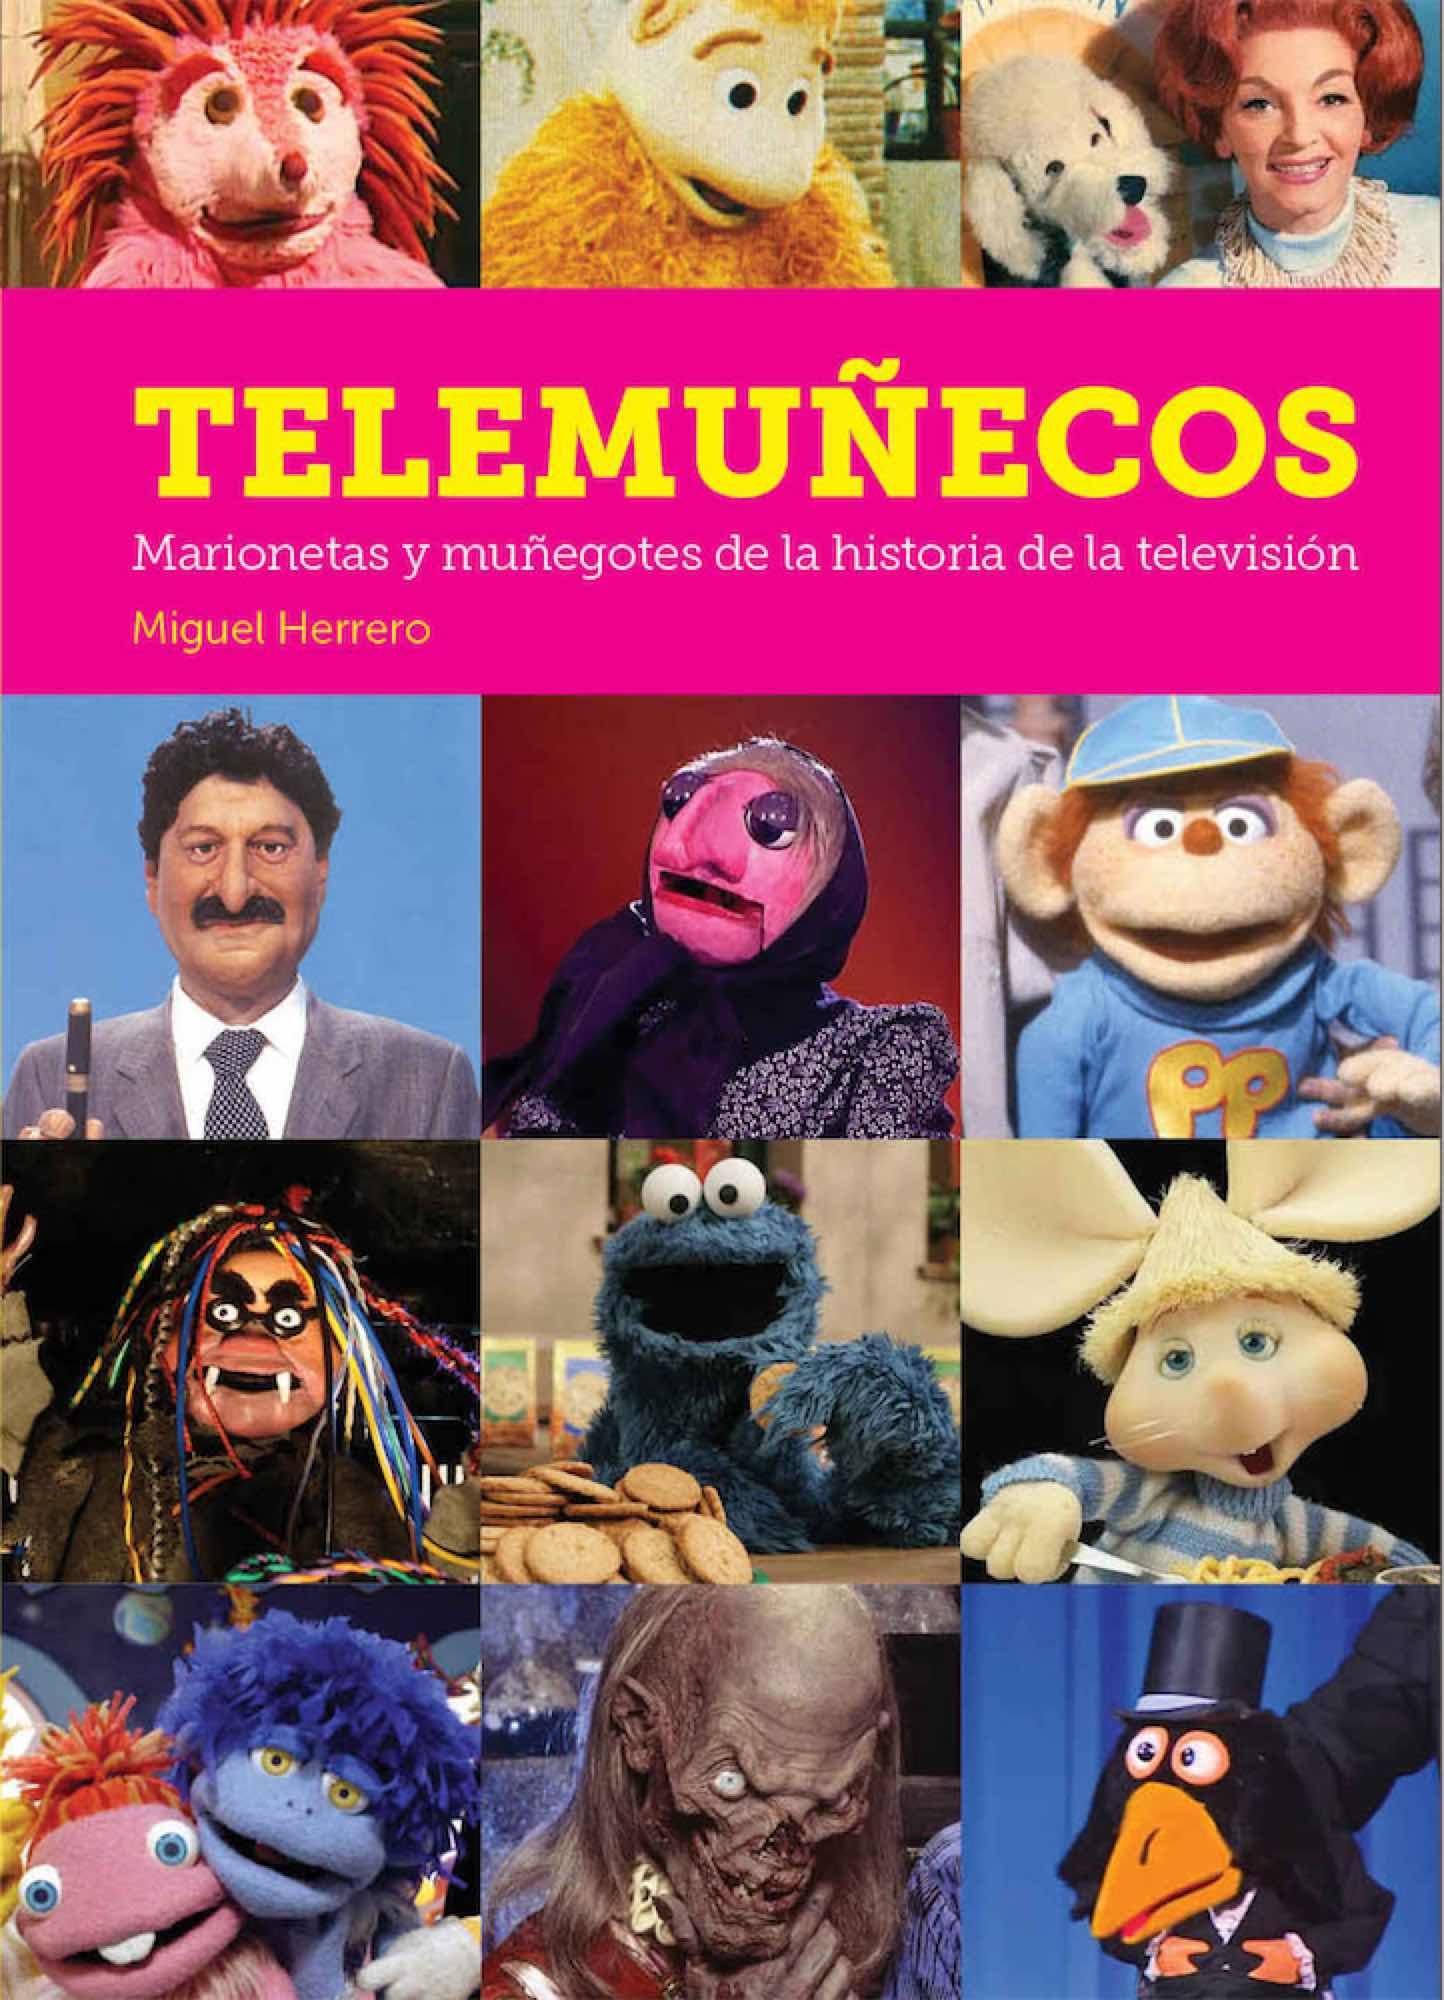 TELEMUÑECOS. MARIONETAS Y MUÑEGOTES DE LA HISTORIA DE LA TELEVISION